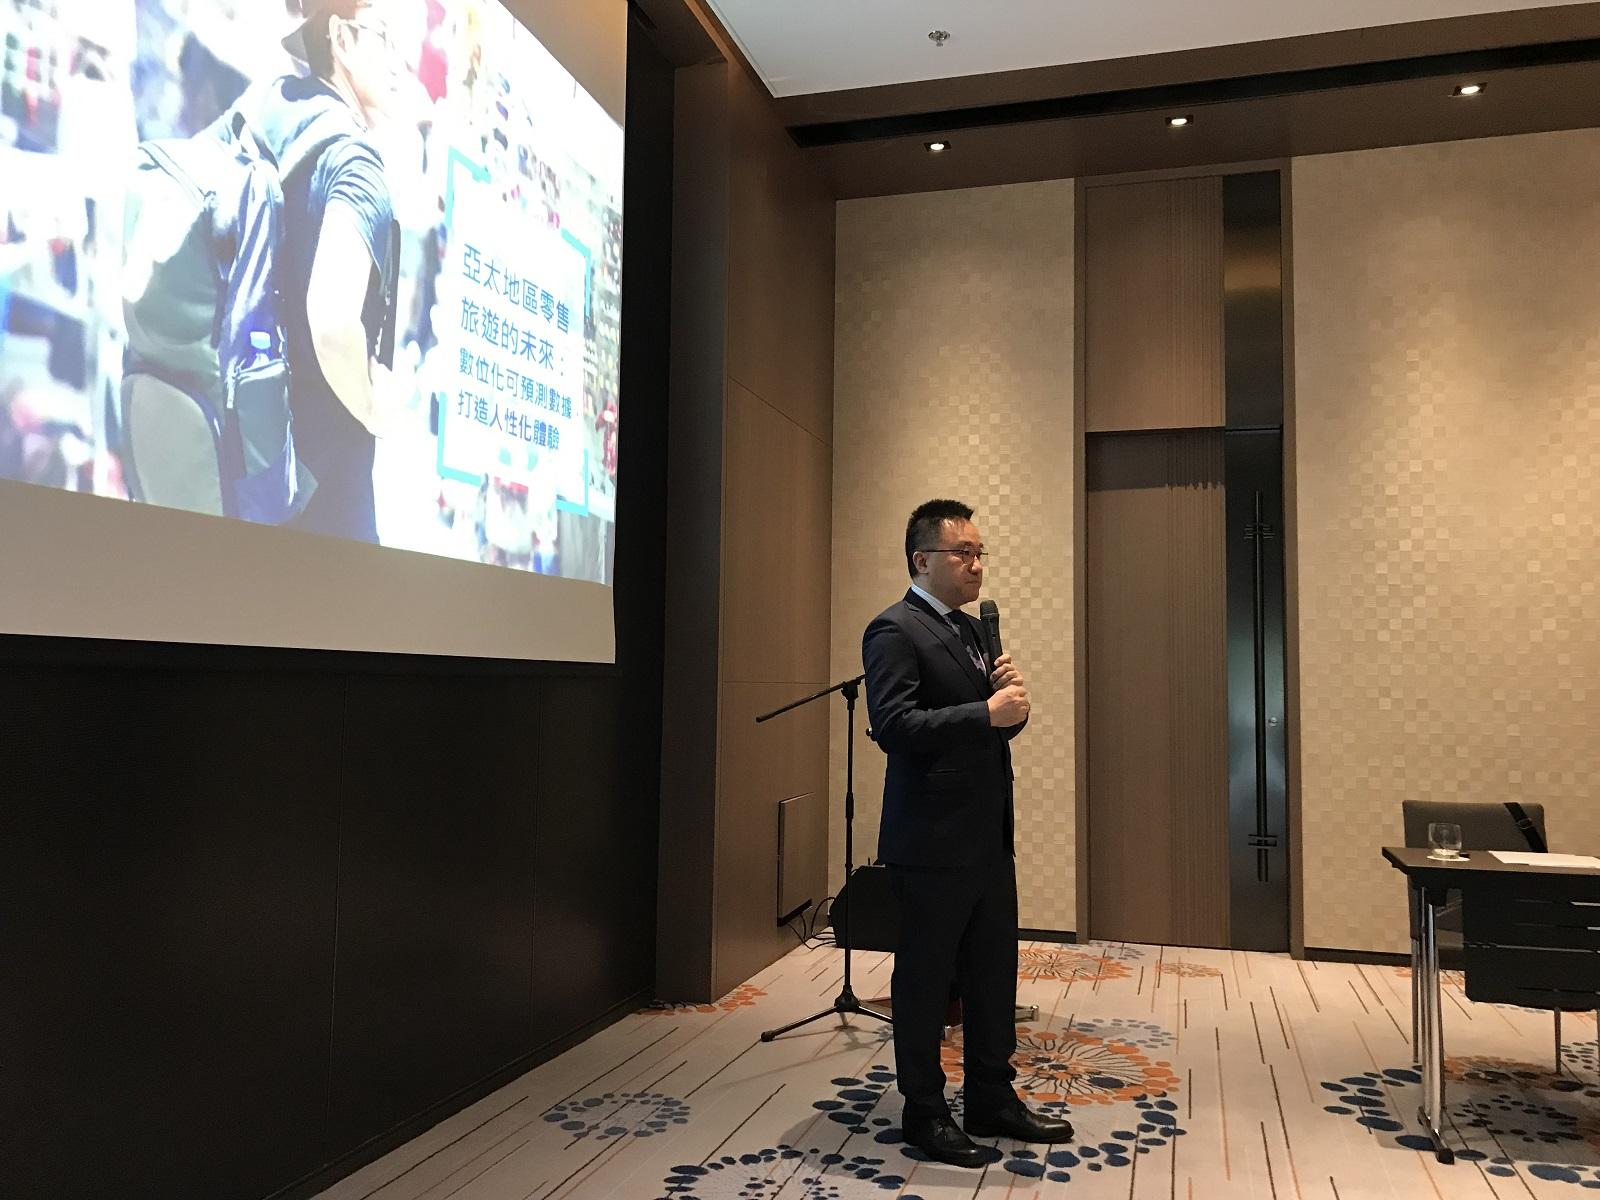 B2B零售旅遊通路業者Amadeus選在今日發表最新白皮書《亞太地區零售旅遊的未來:數位化可預測數據,打造人性化體驗》